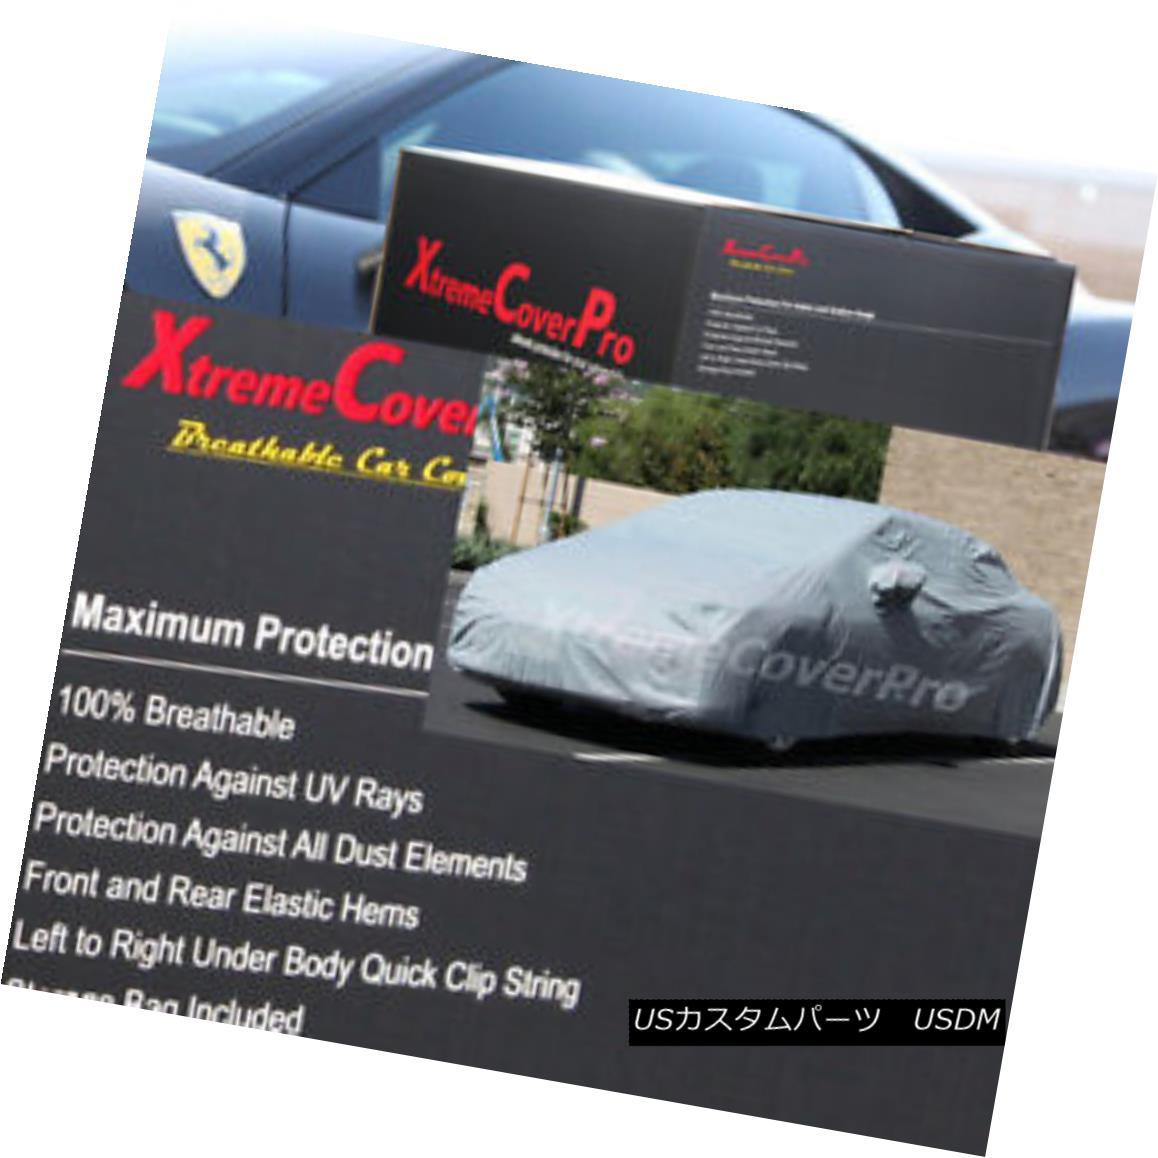 カーカバー 1993 1994 1995 1996 Pontiac Trans Am Breathable Car Cover w/MirrorPocket 1993年1994年1995年1996年ポンティアックトランスAM通気性車カバー付き/ MirrorPocket